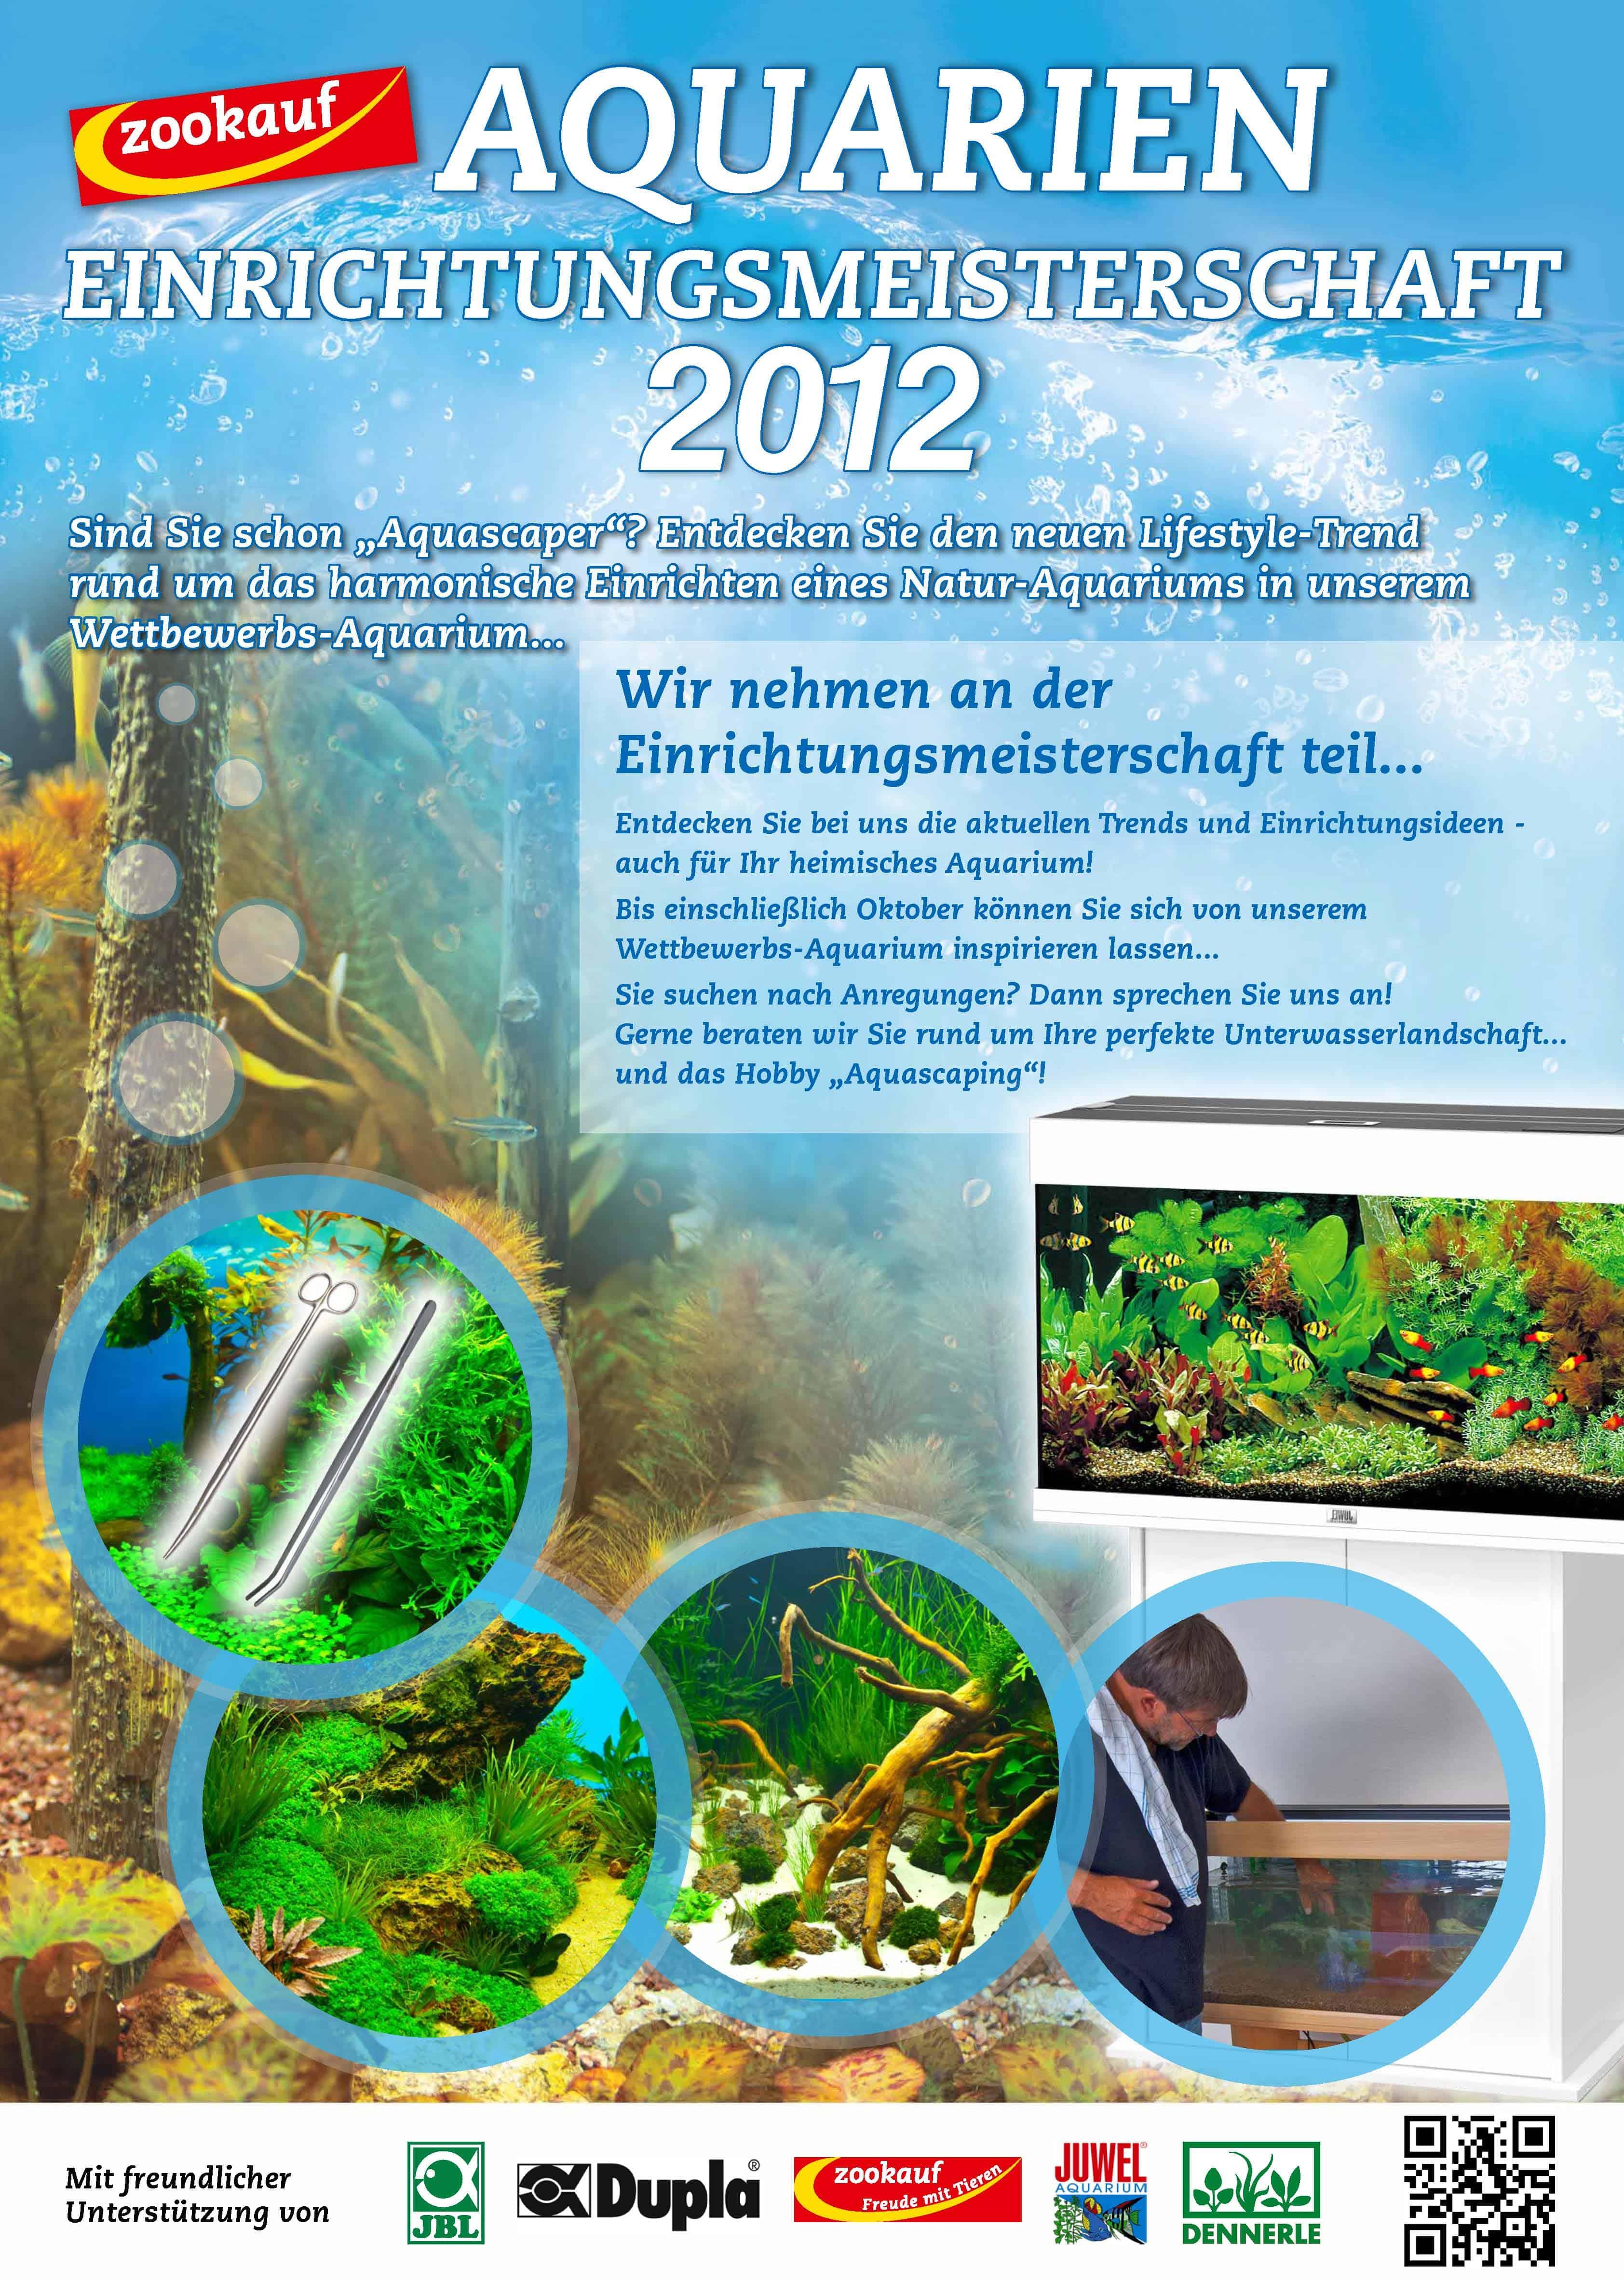 zookauf Aquarien-Einrichtungsmeisterschaft 2012: Maßnahme zur Förderung der Aquaristik 1